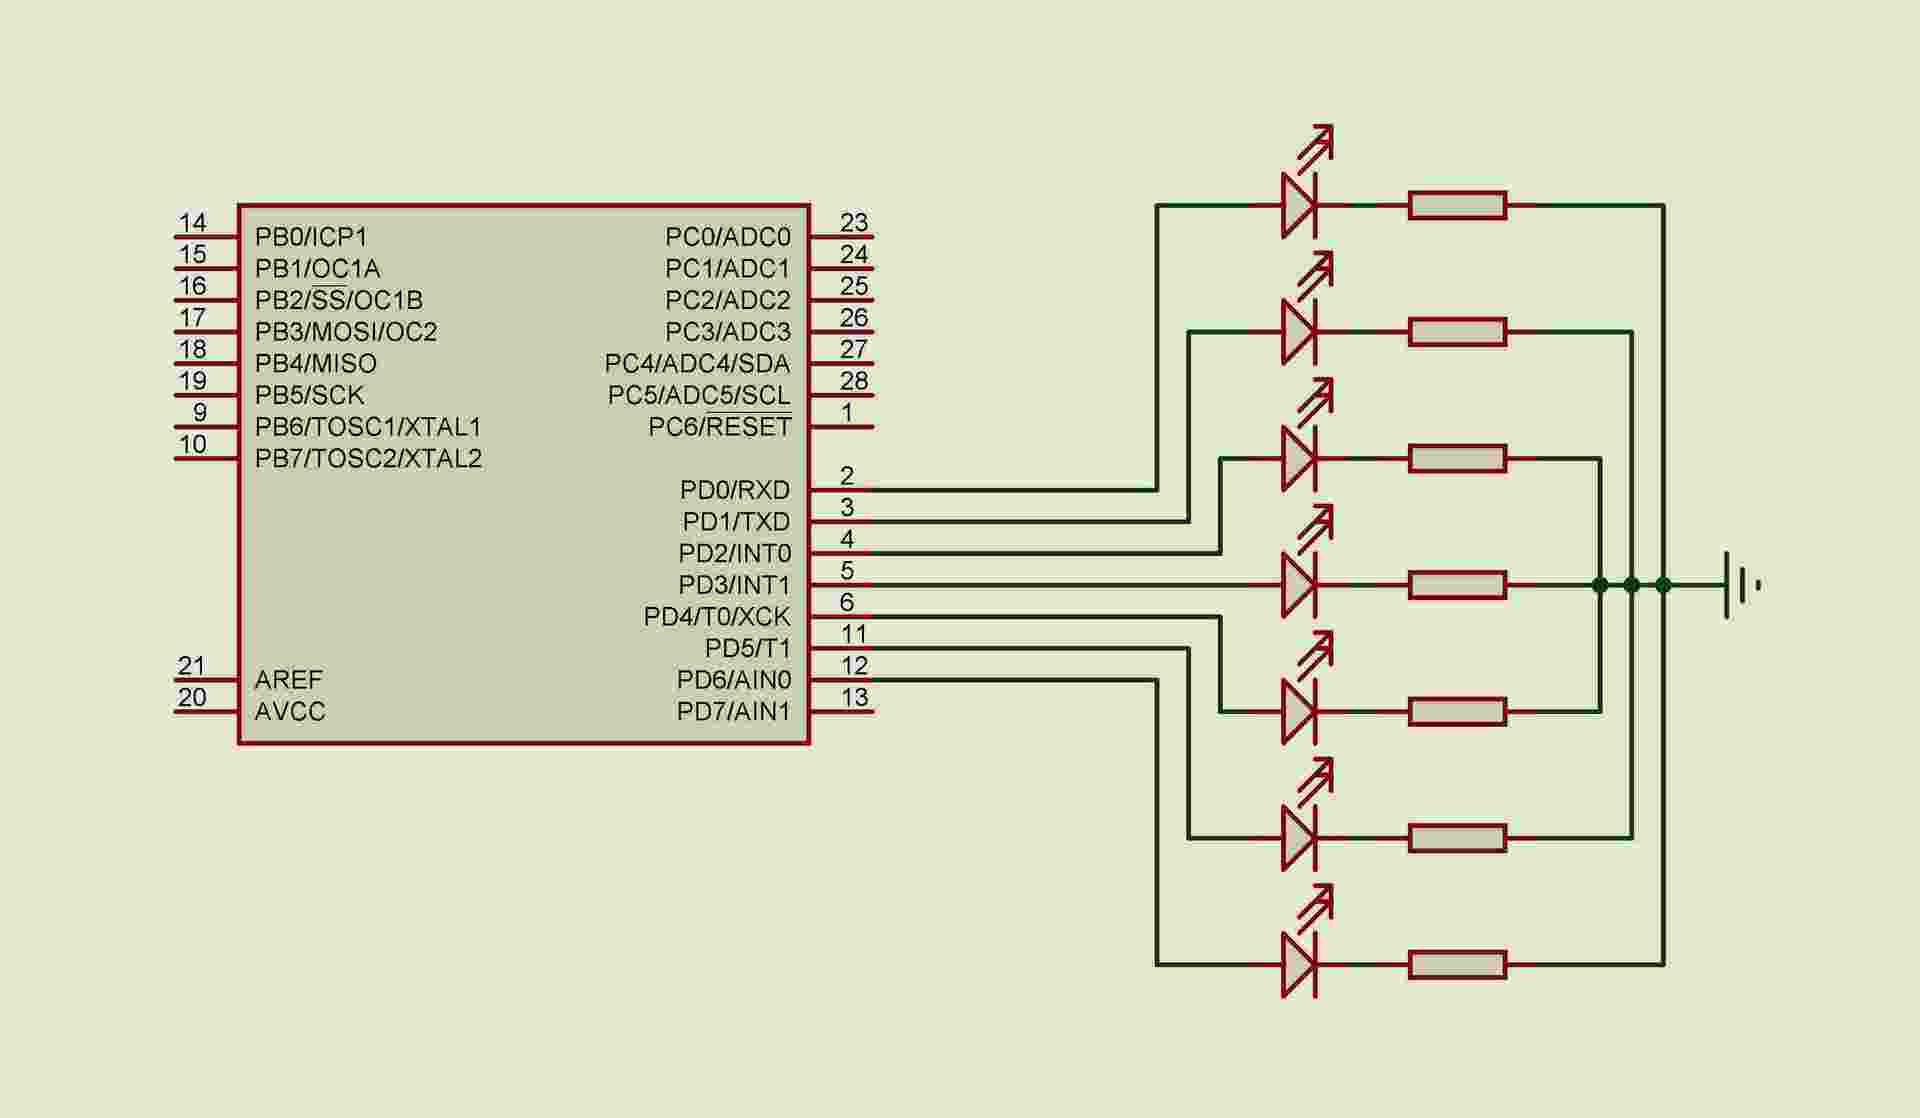 марке как устроена линза семисегментного индикатора обновить швы кафельной